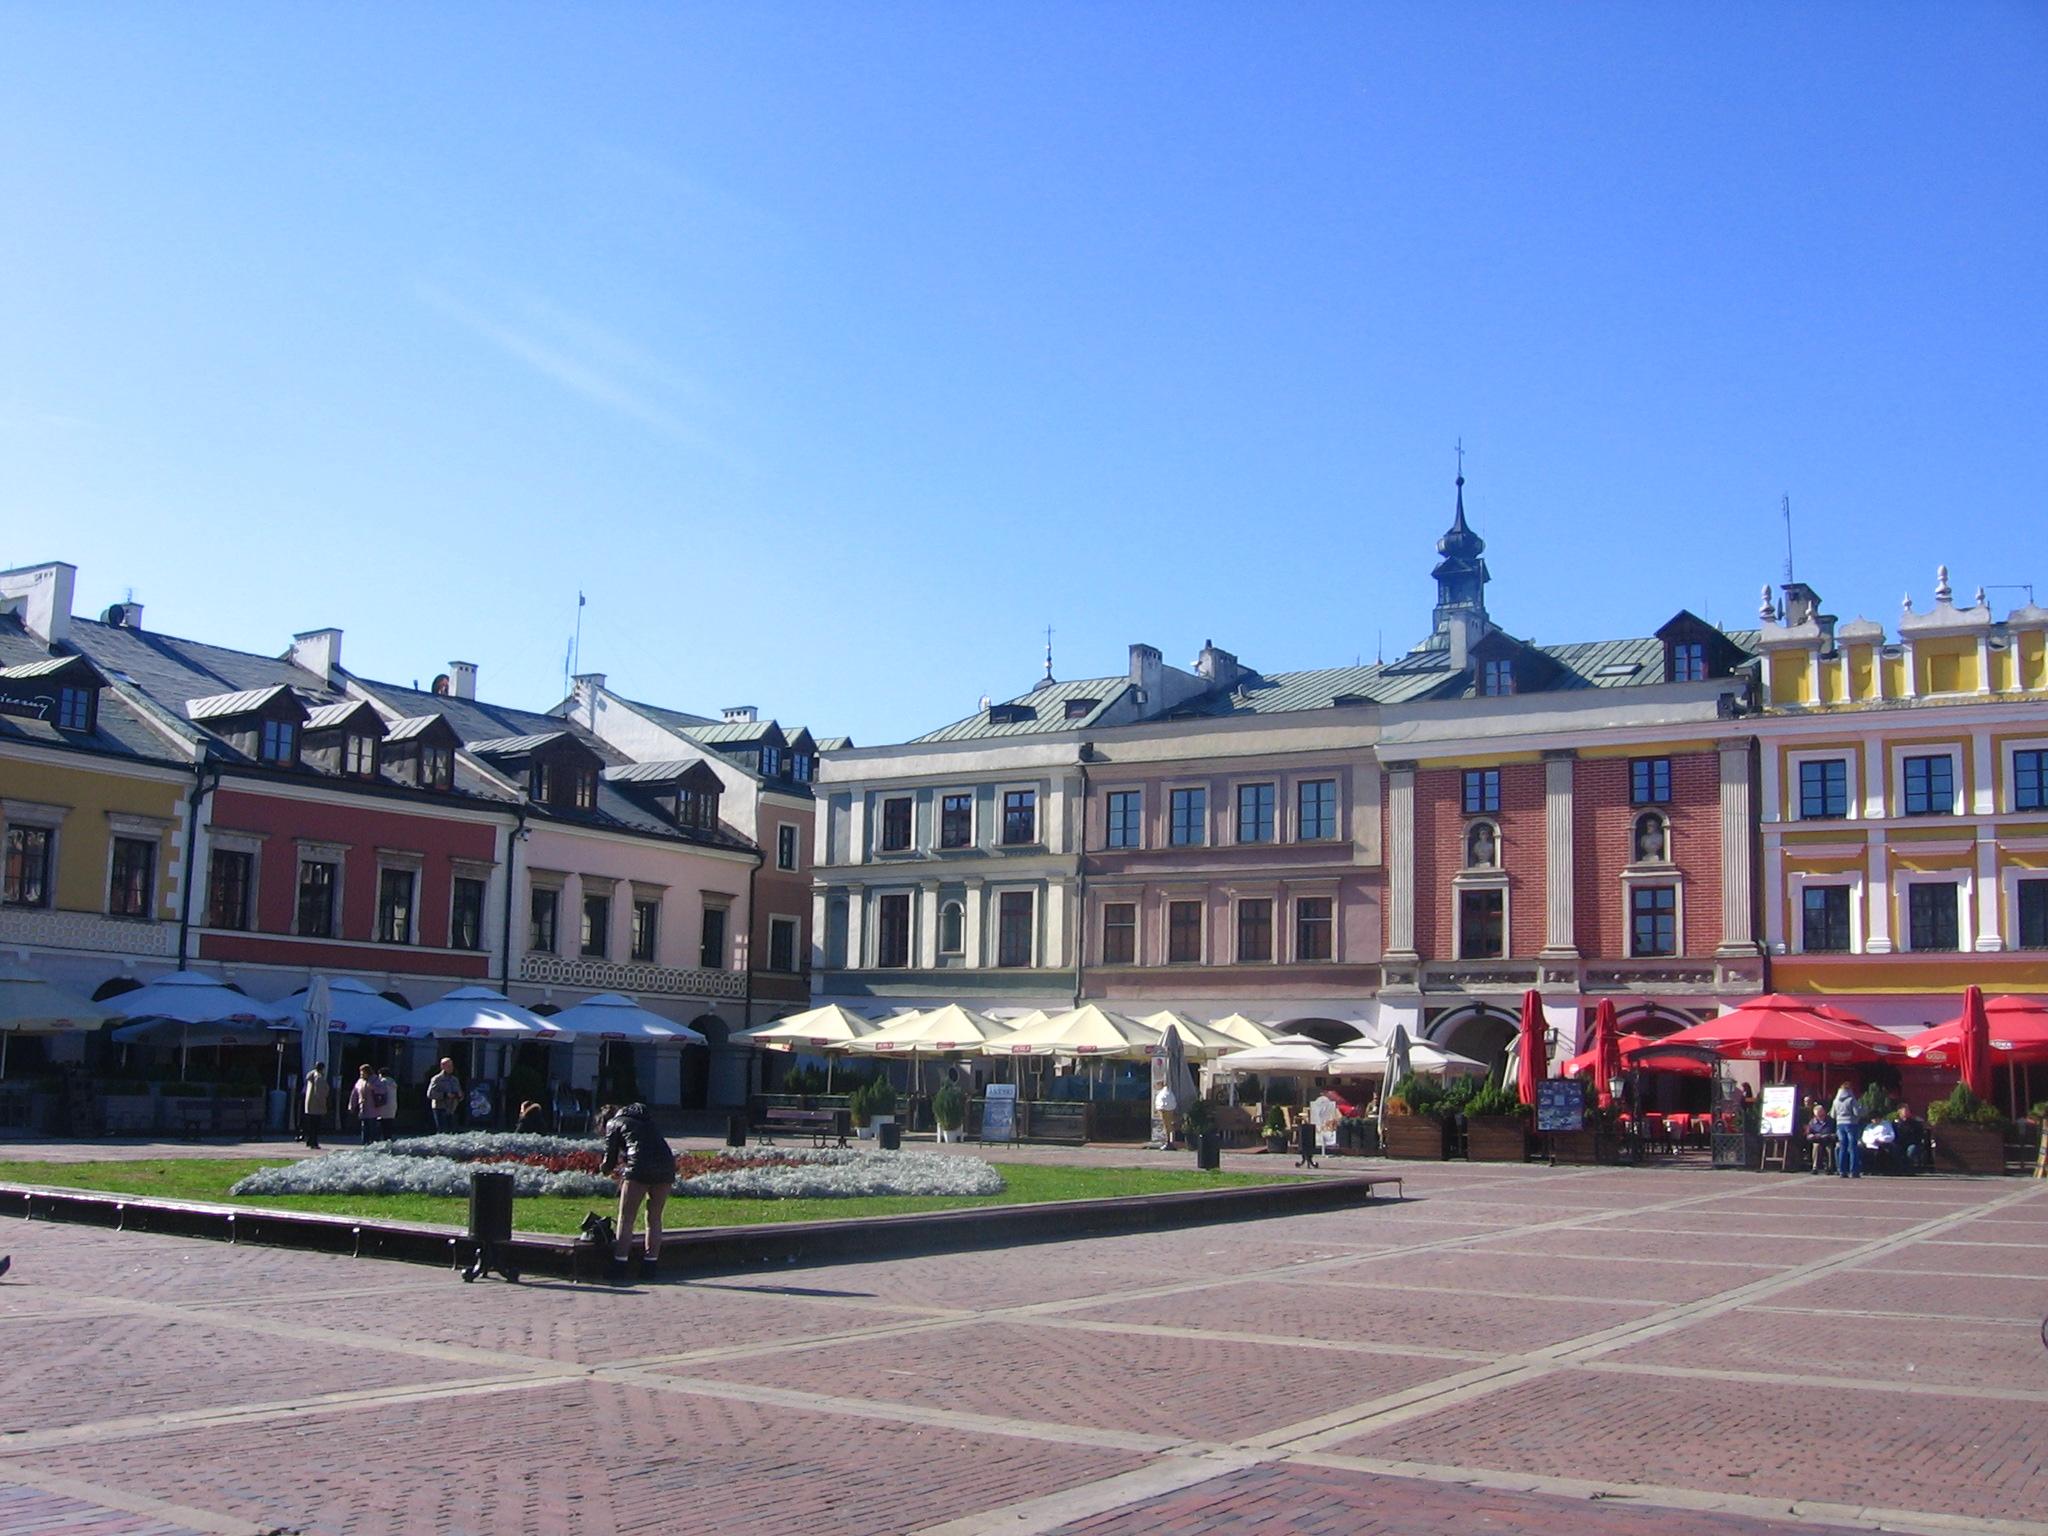 turystyka-atrakcje , Zamośc, Rynek Wielki, Zamość co zwiedzić